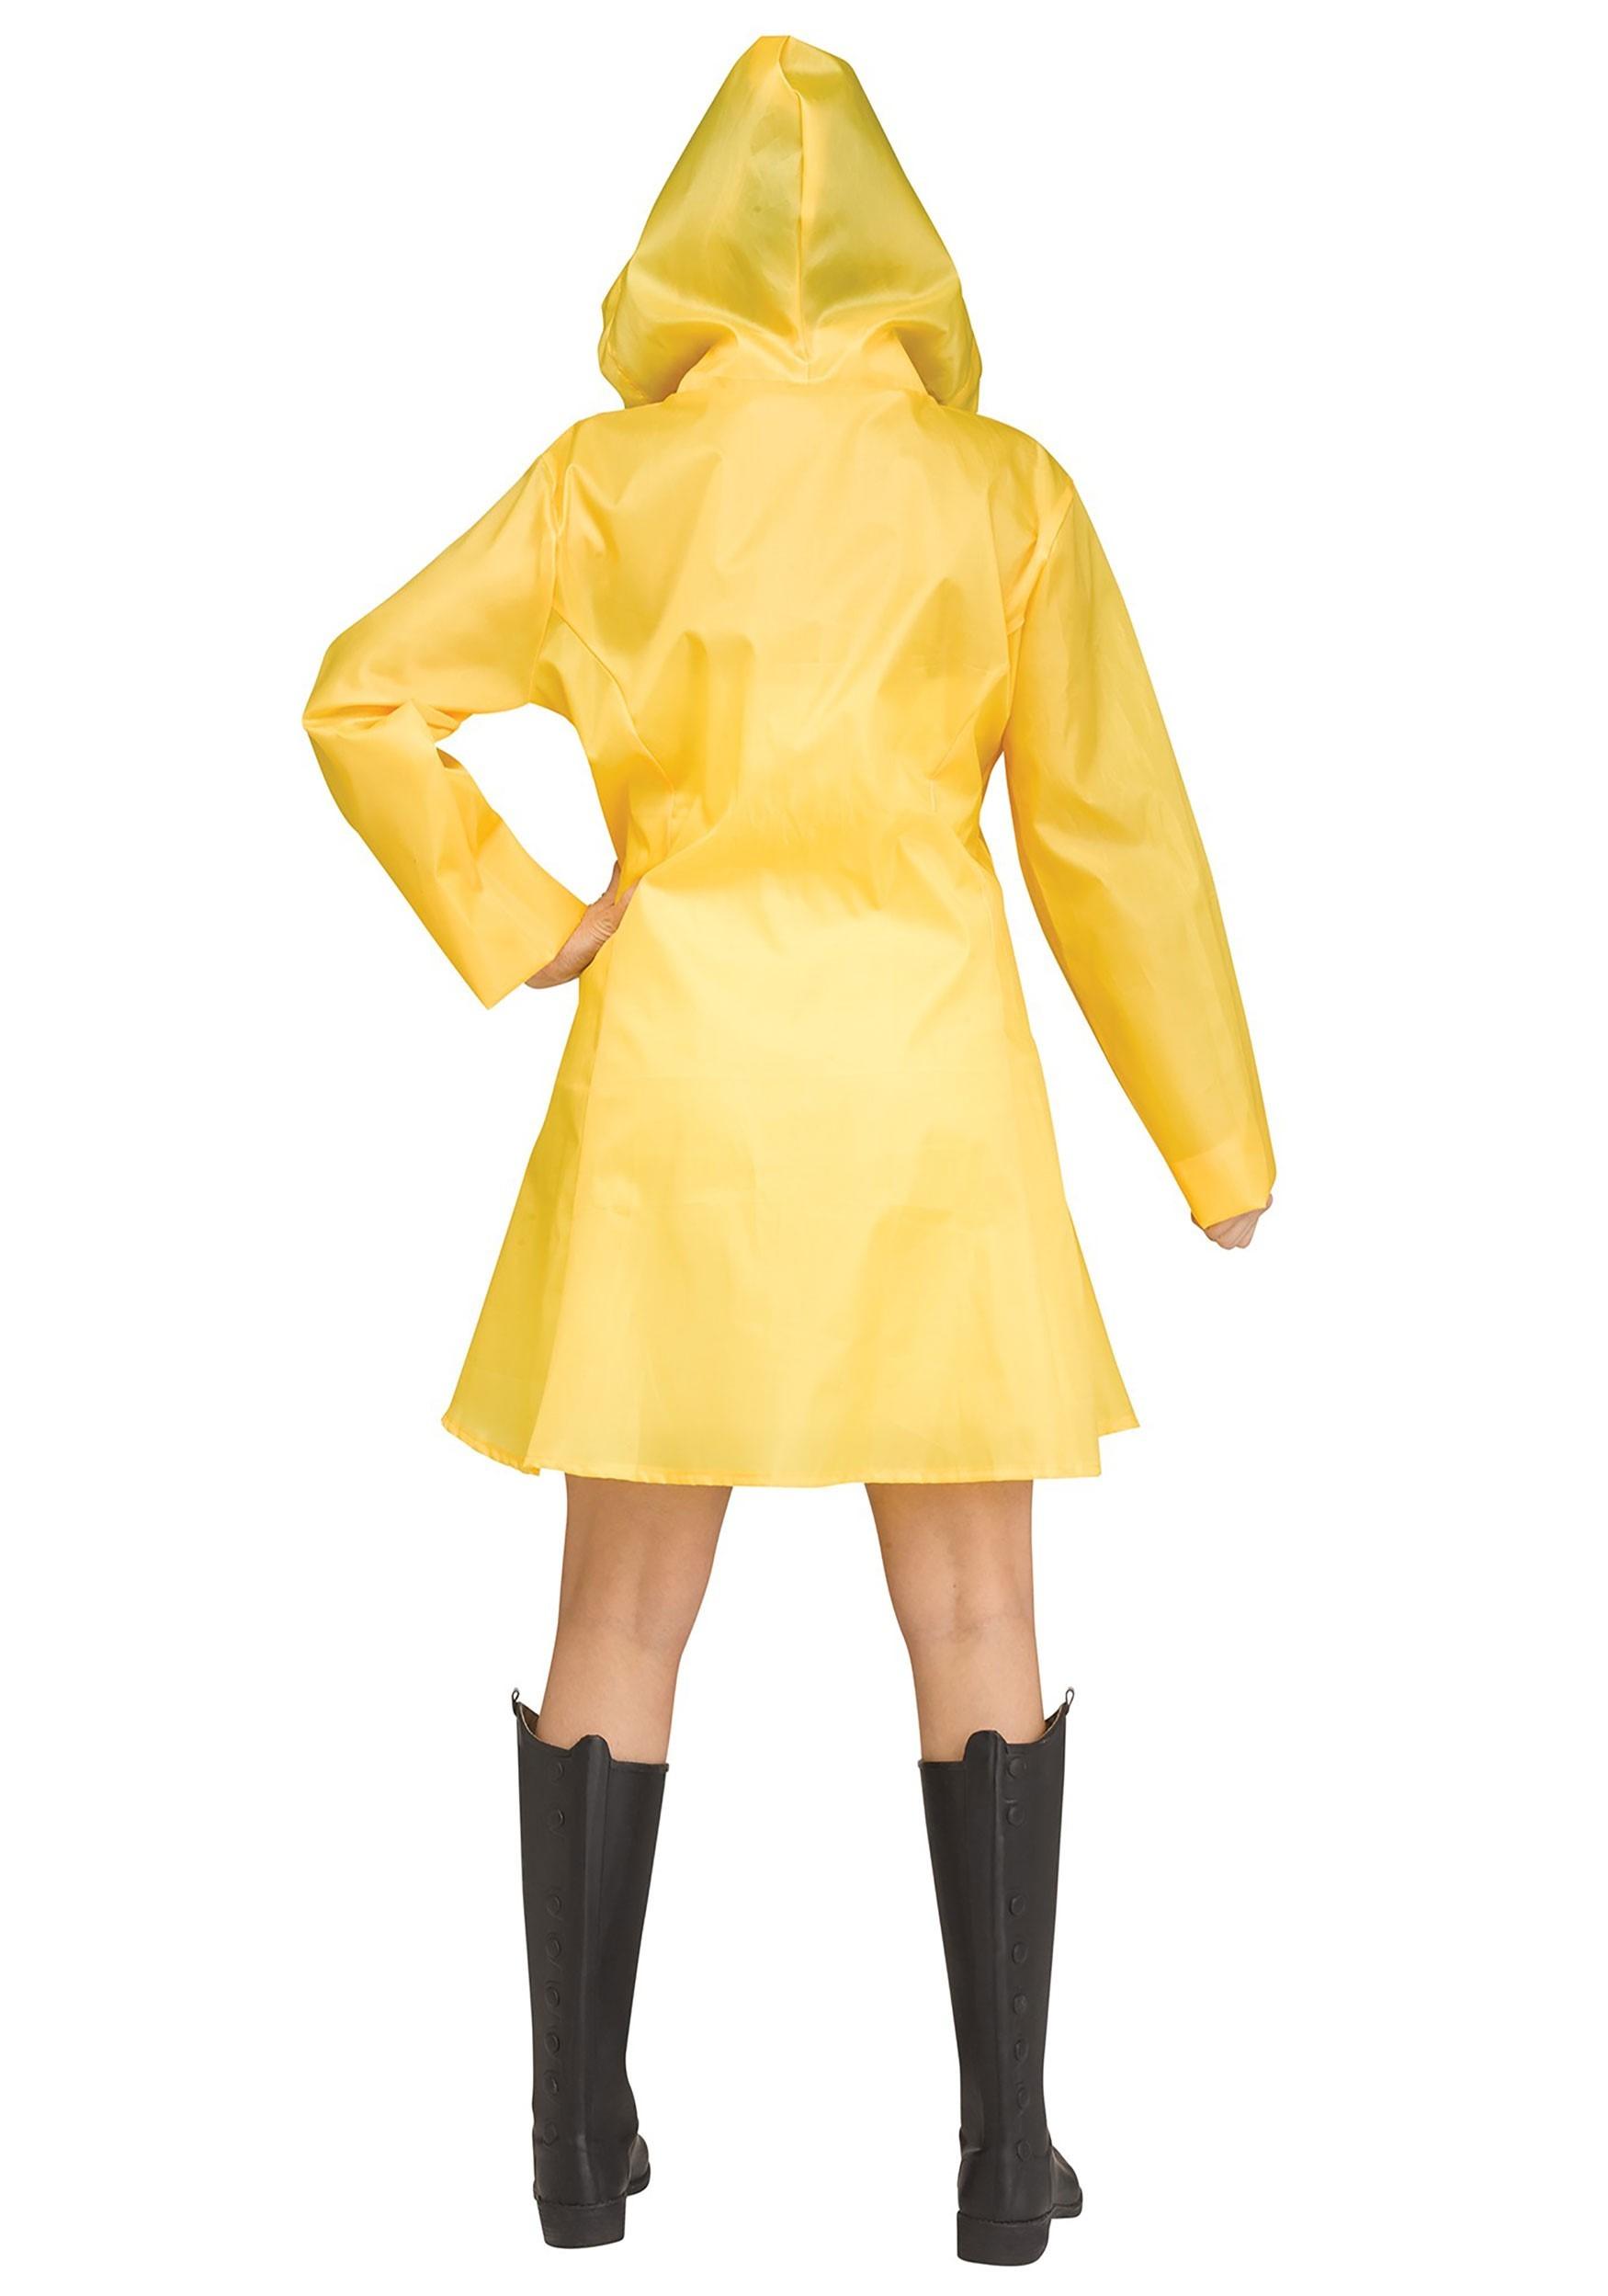 Yellow Raincoat Costume For Women